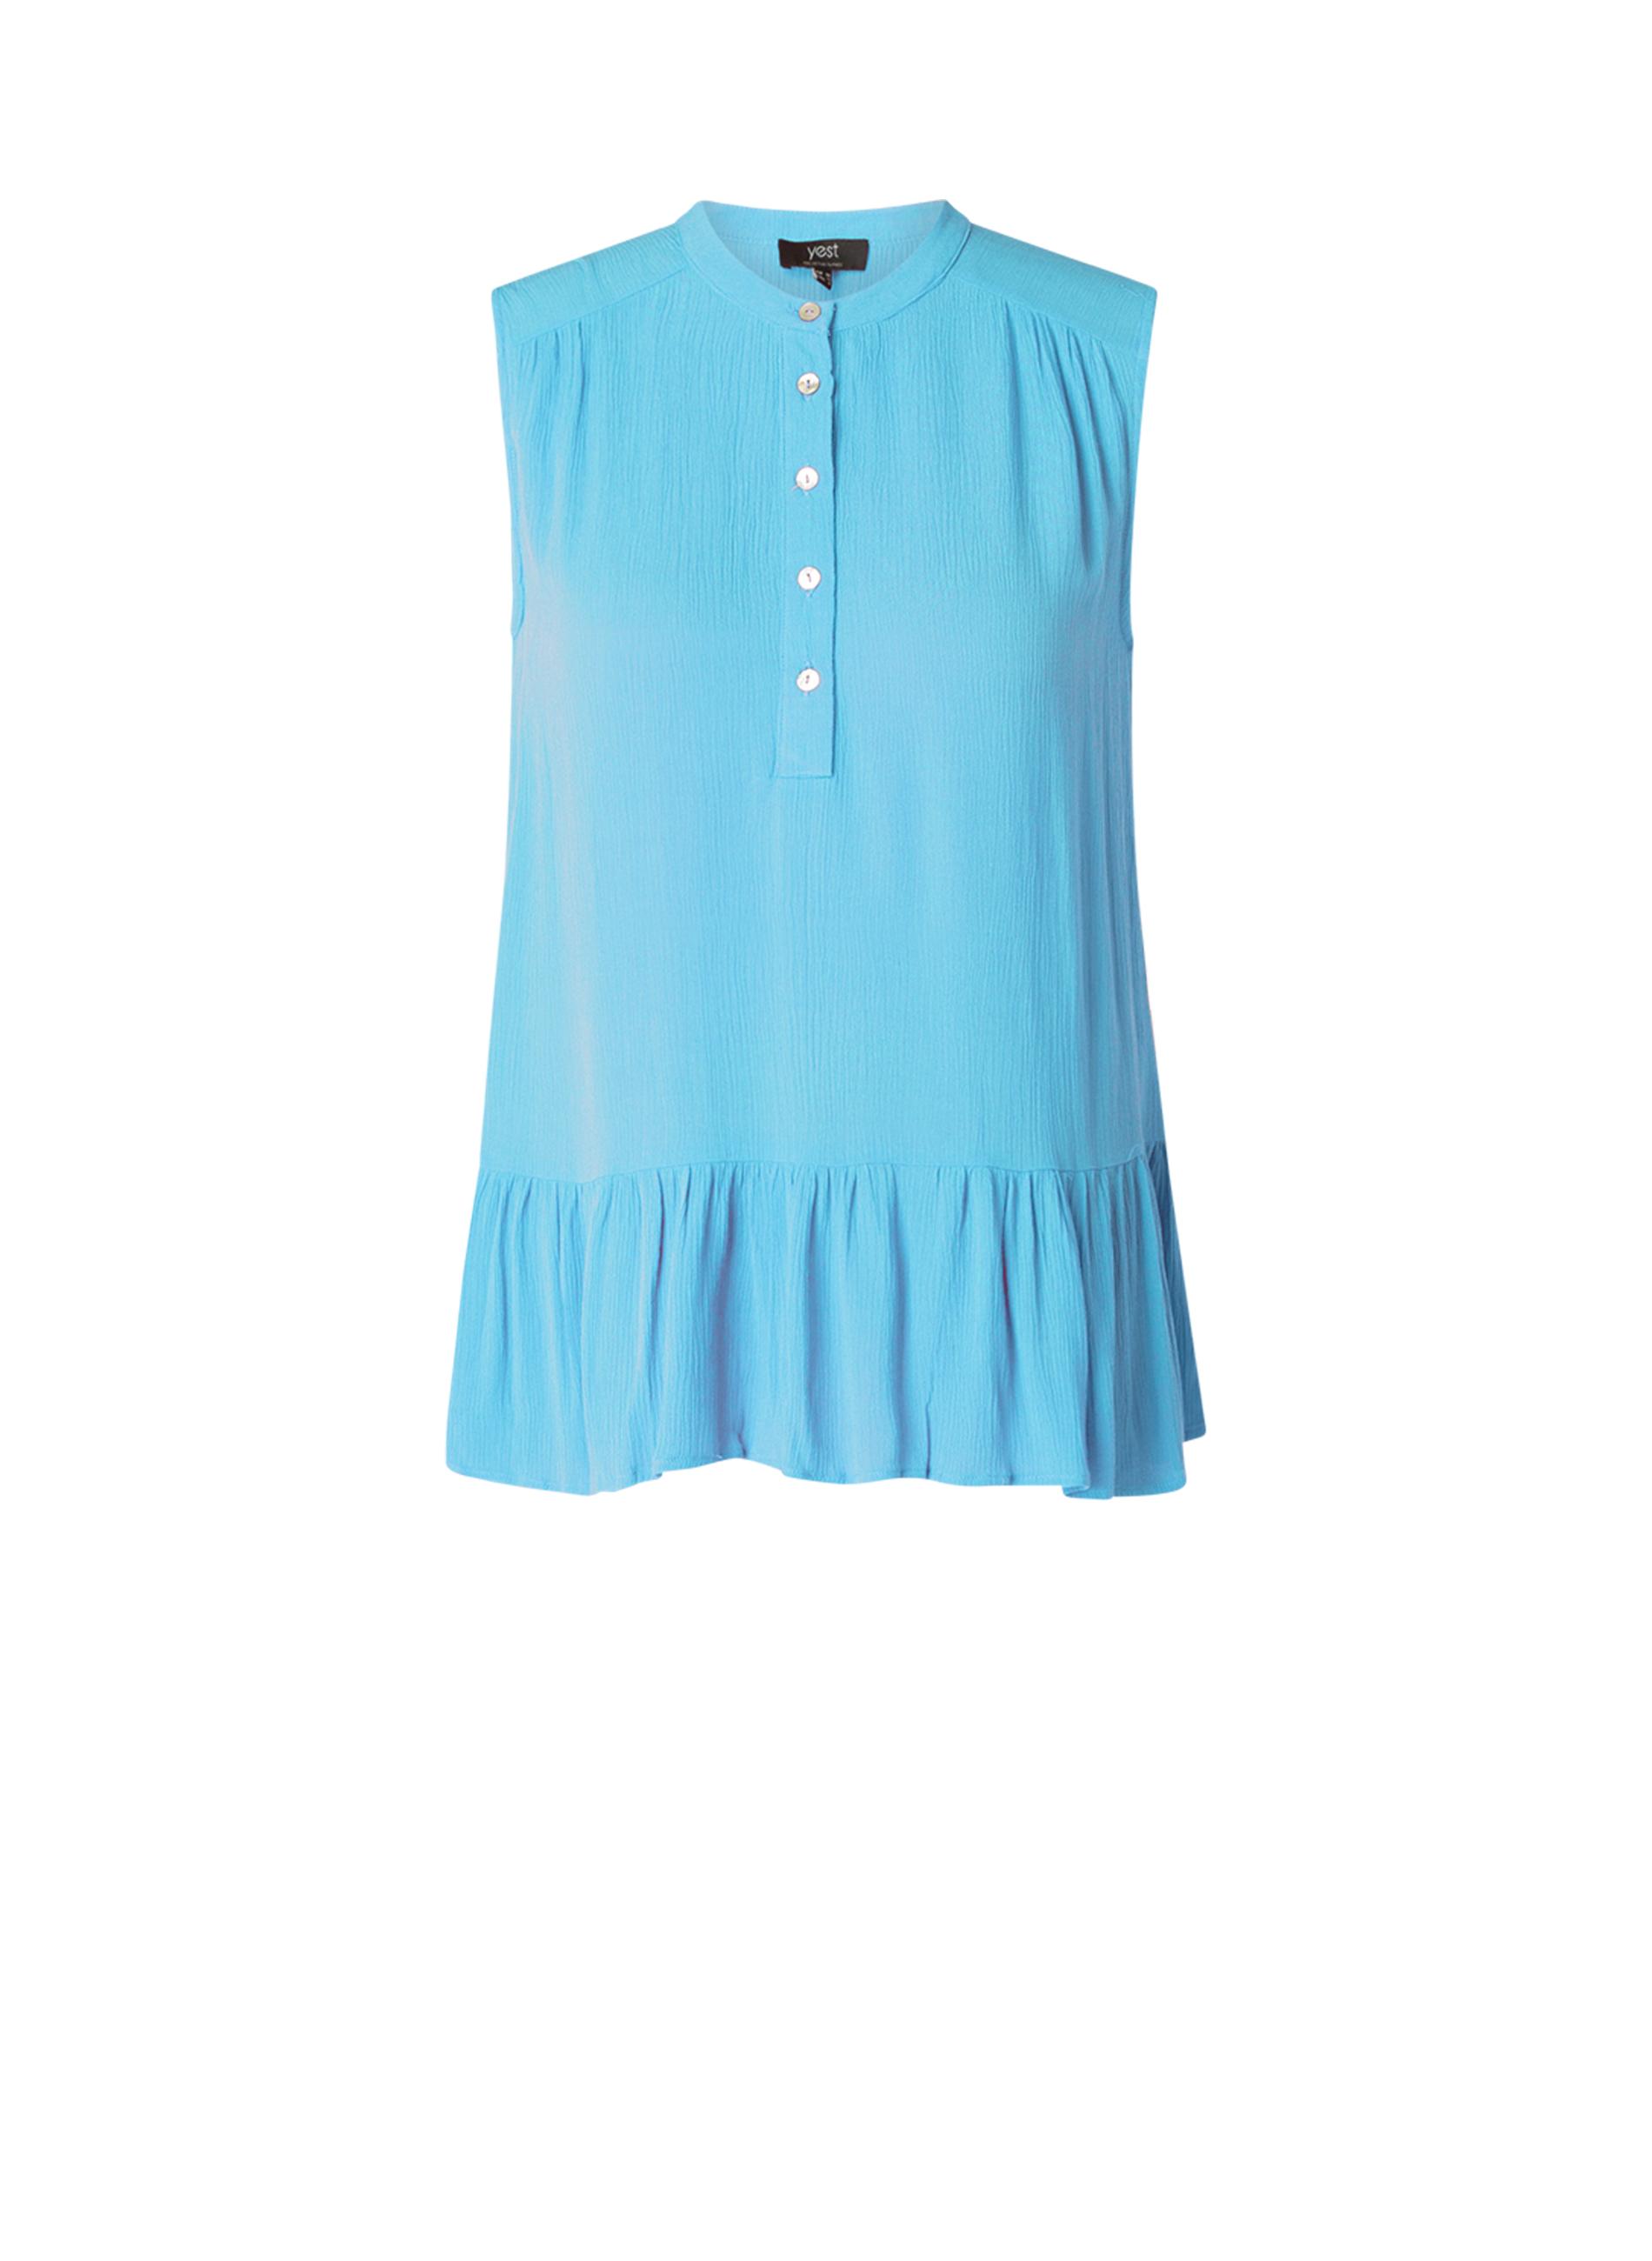 Yest shirt Kira 70 cm